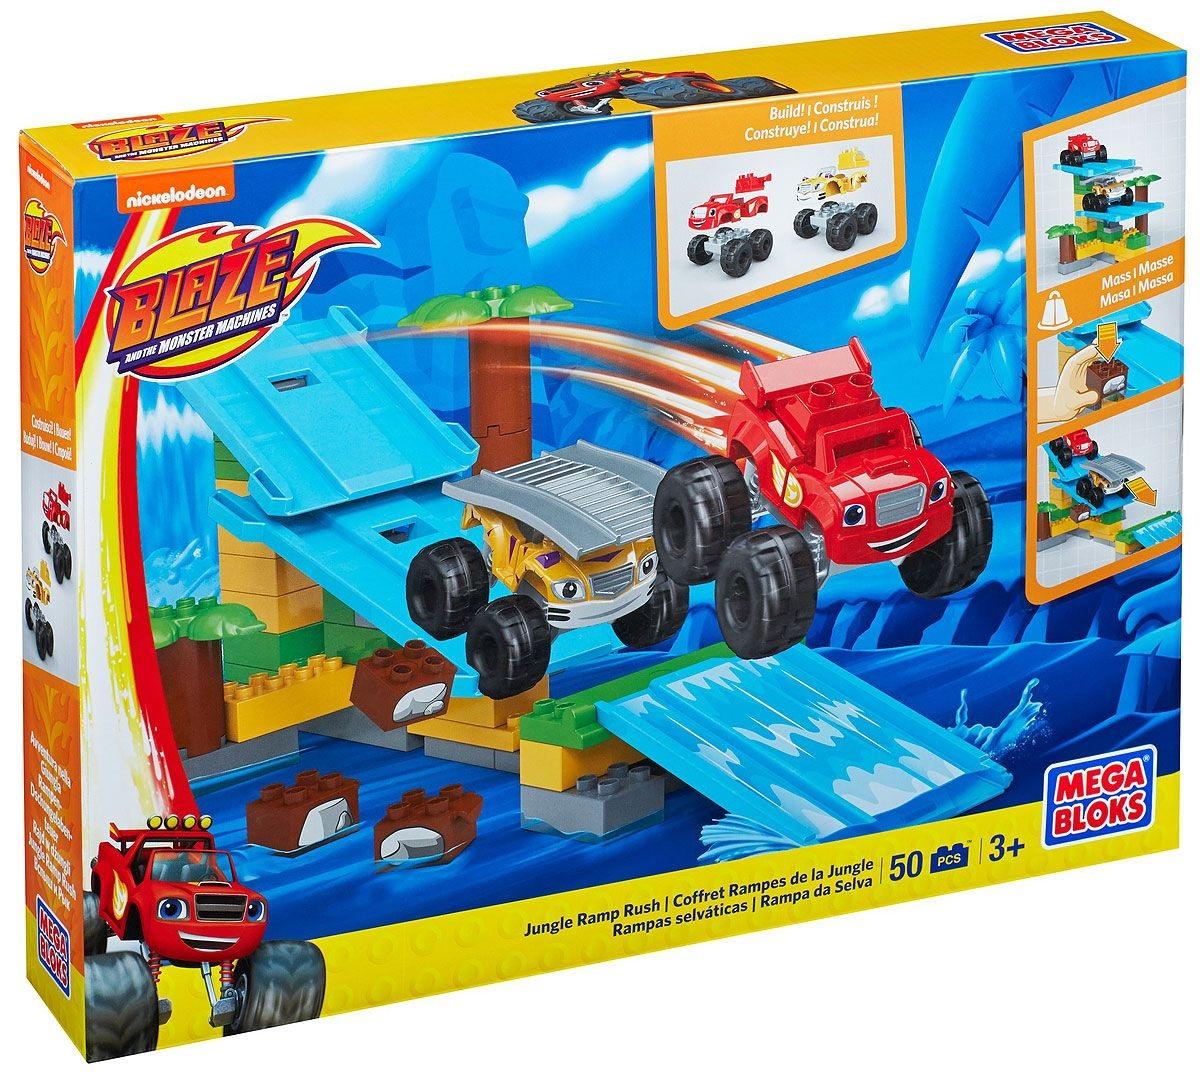 Игровой набор из серии Вспыш: гонки в джунгляхКонструкторы Mega Bloks<br>Игровой набор из серии Вспыш: гонки в джунглях<br>